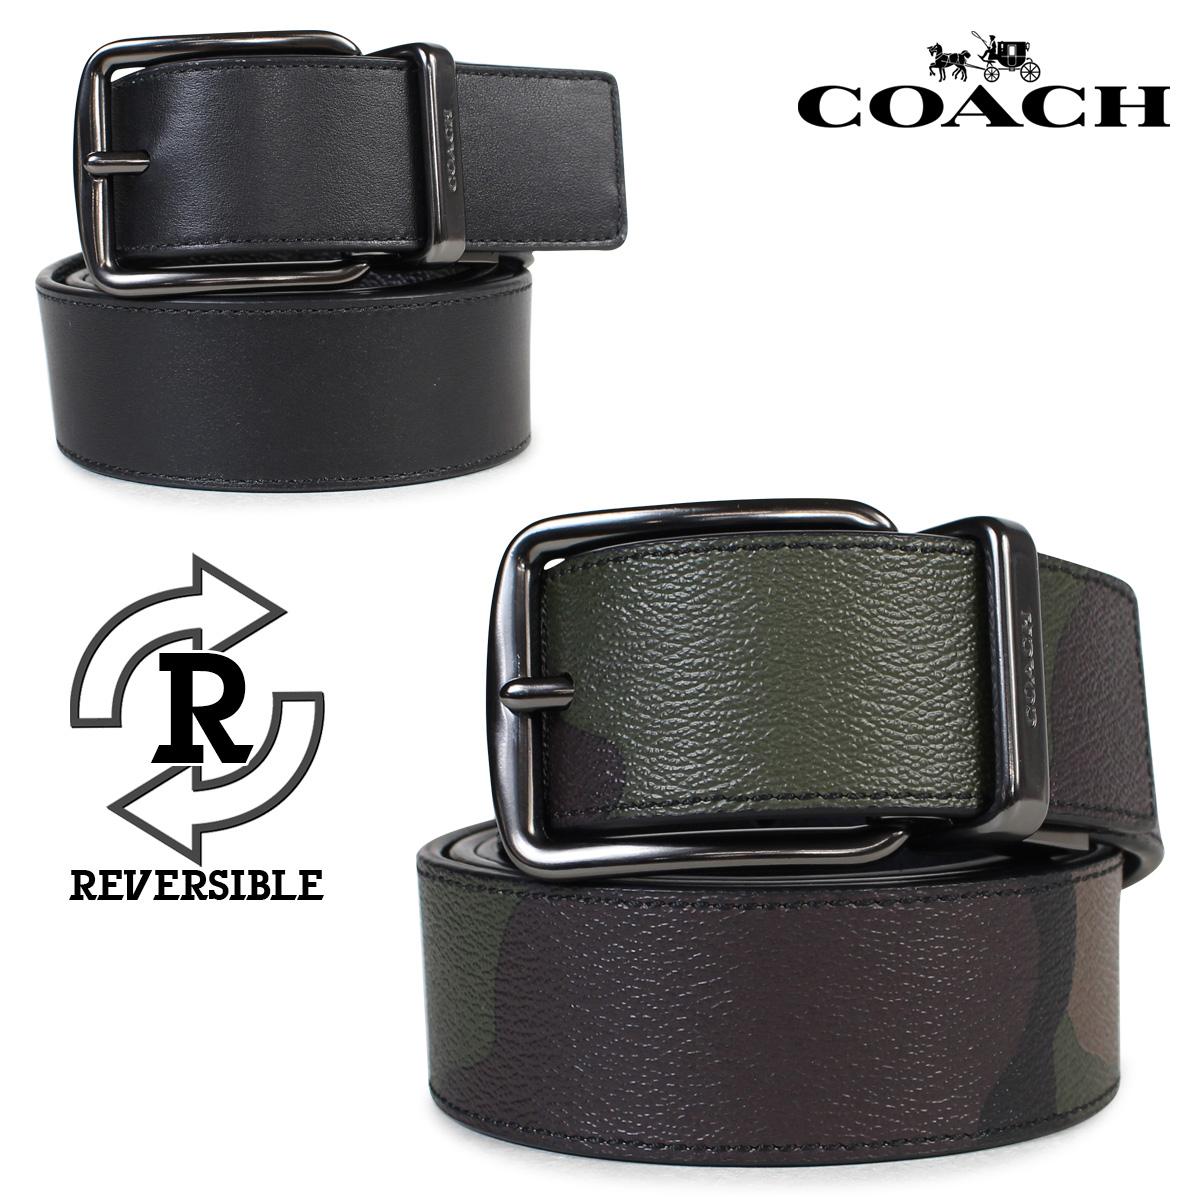 コーチ COACH ベルト レザーベルト メンズ リバーシブル 本革 迷彩 ブラック カモ 黒 F56160